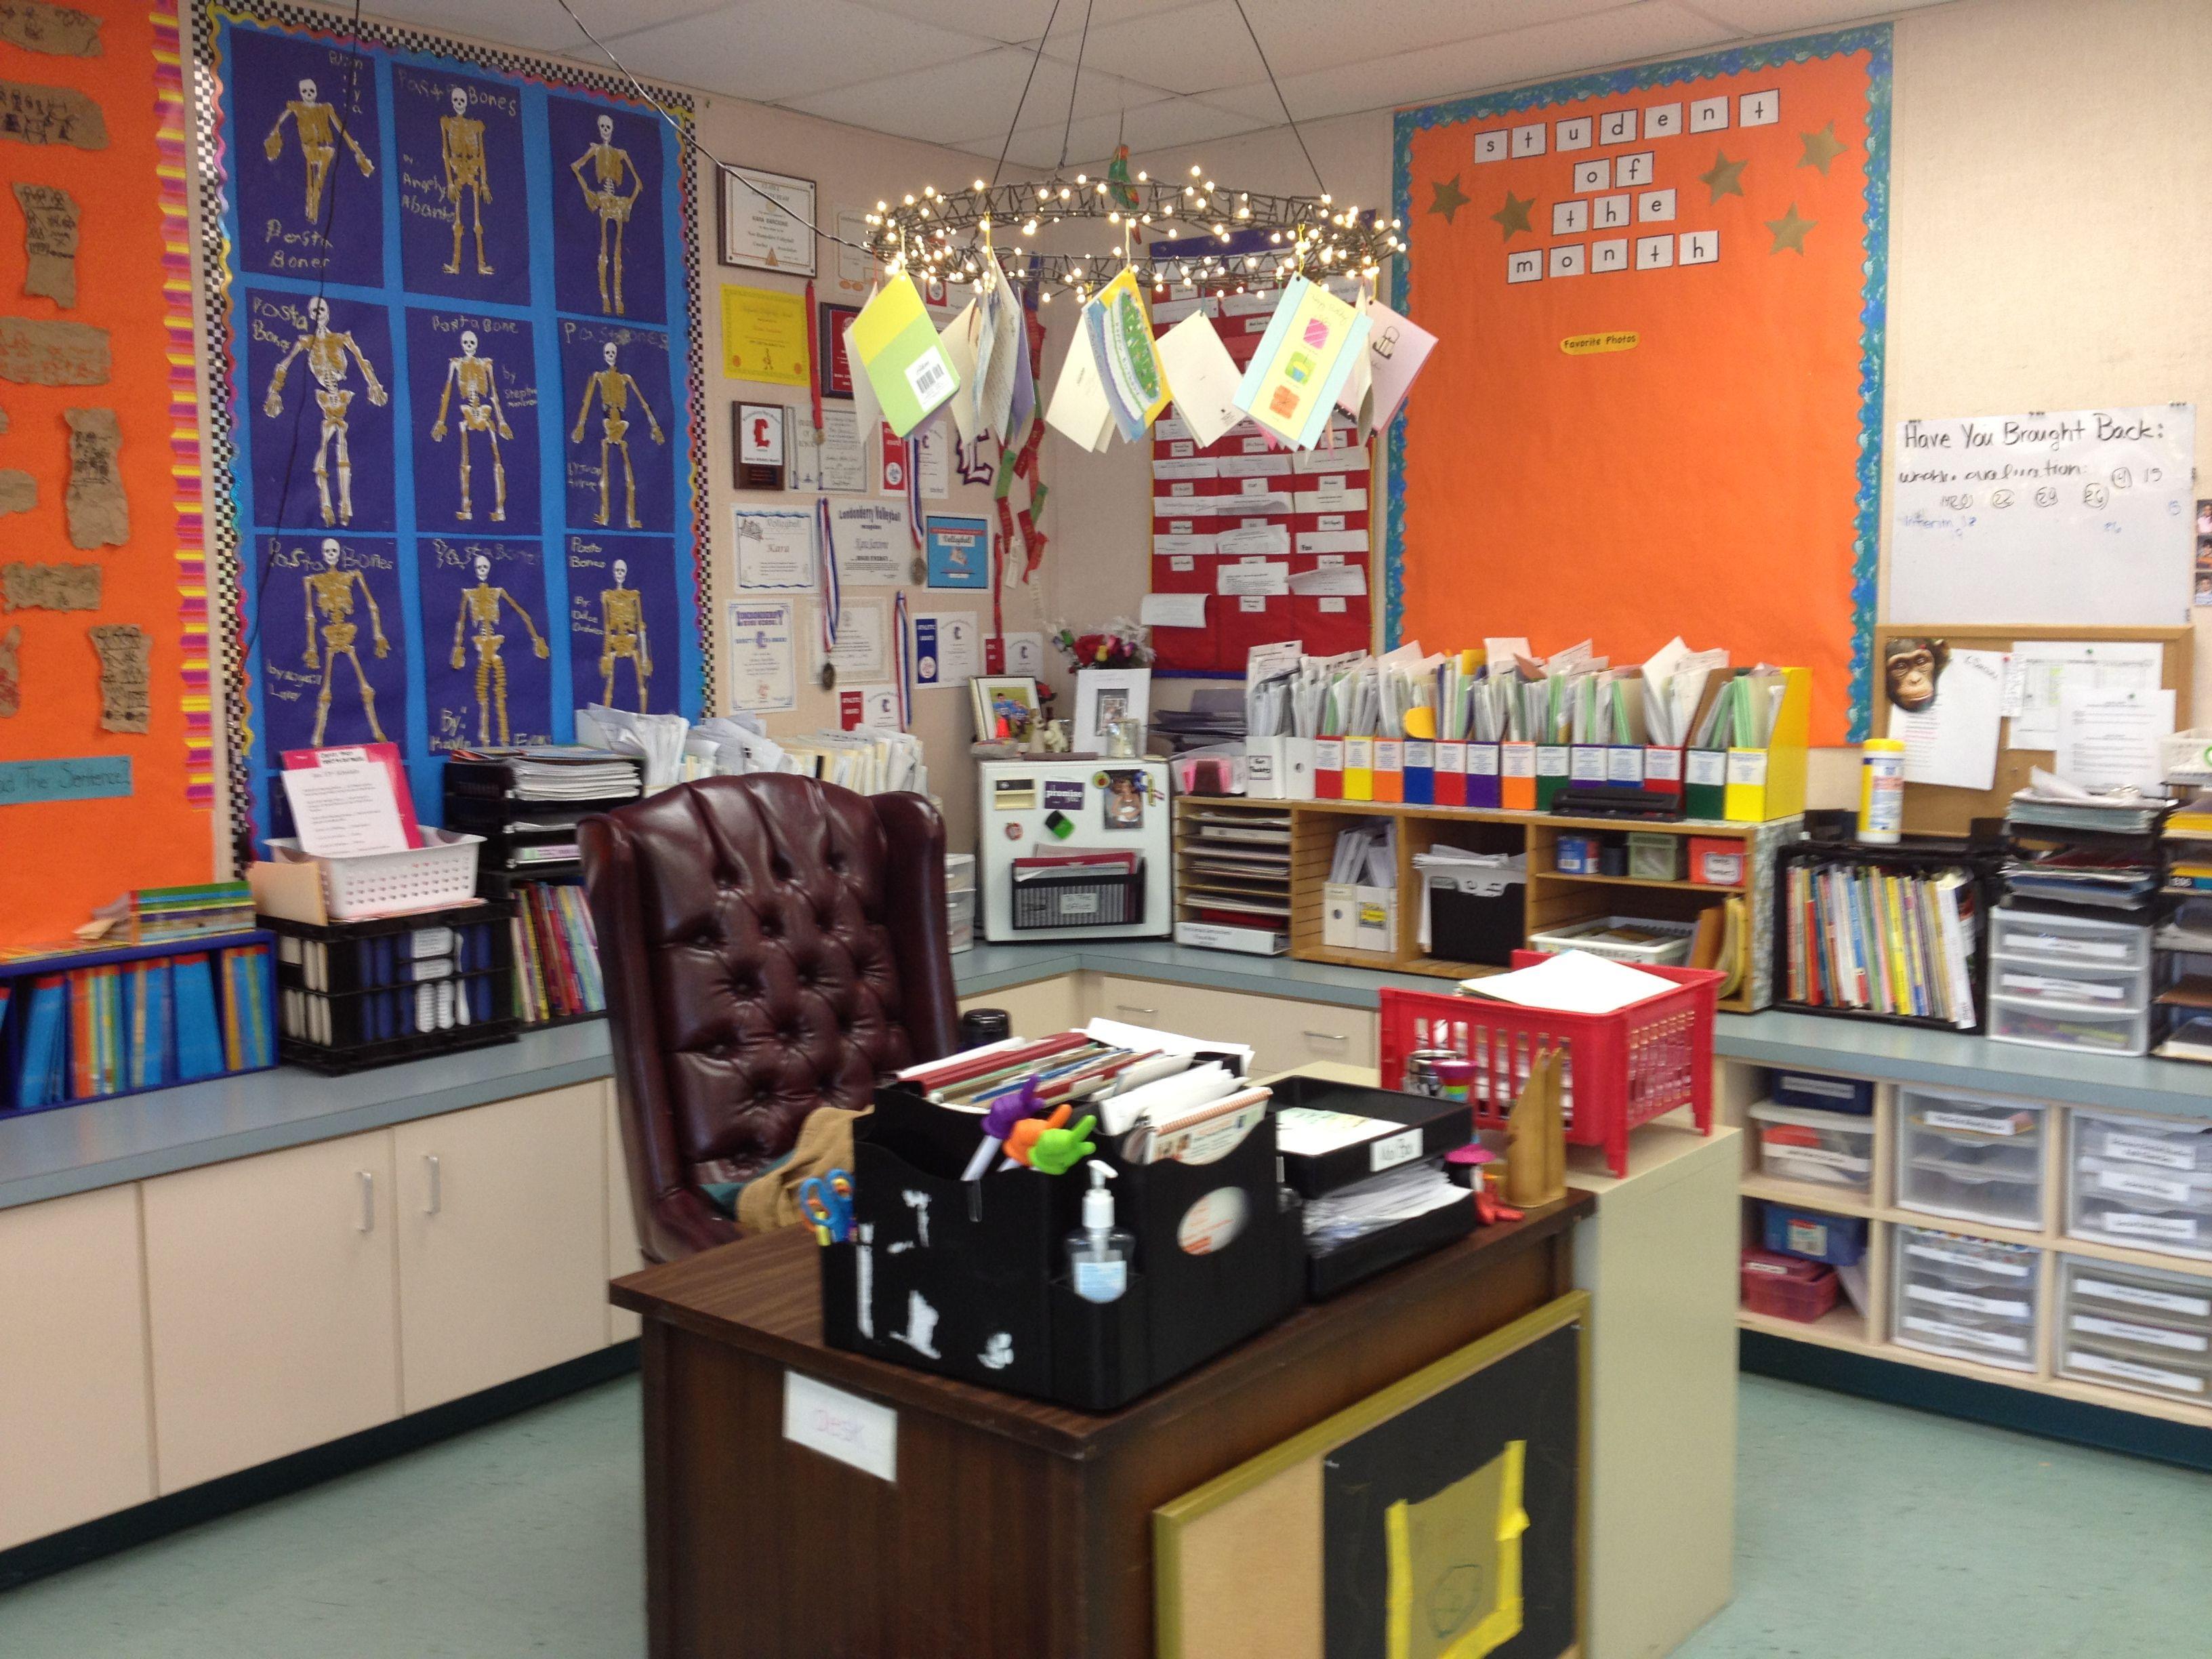 decor lovely on areas best of pinterest teacher ideas desk